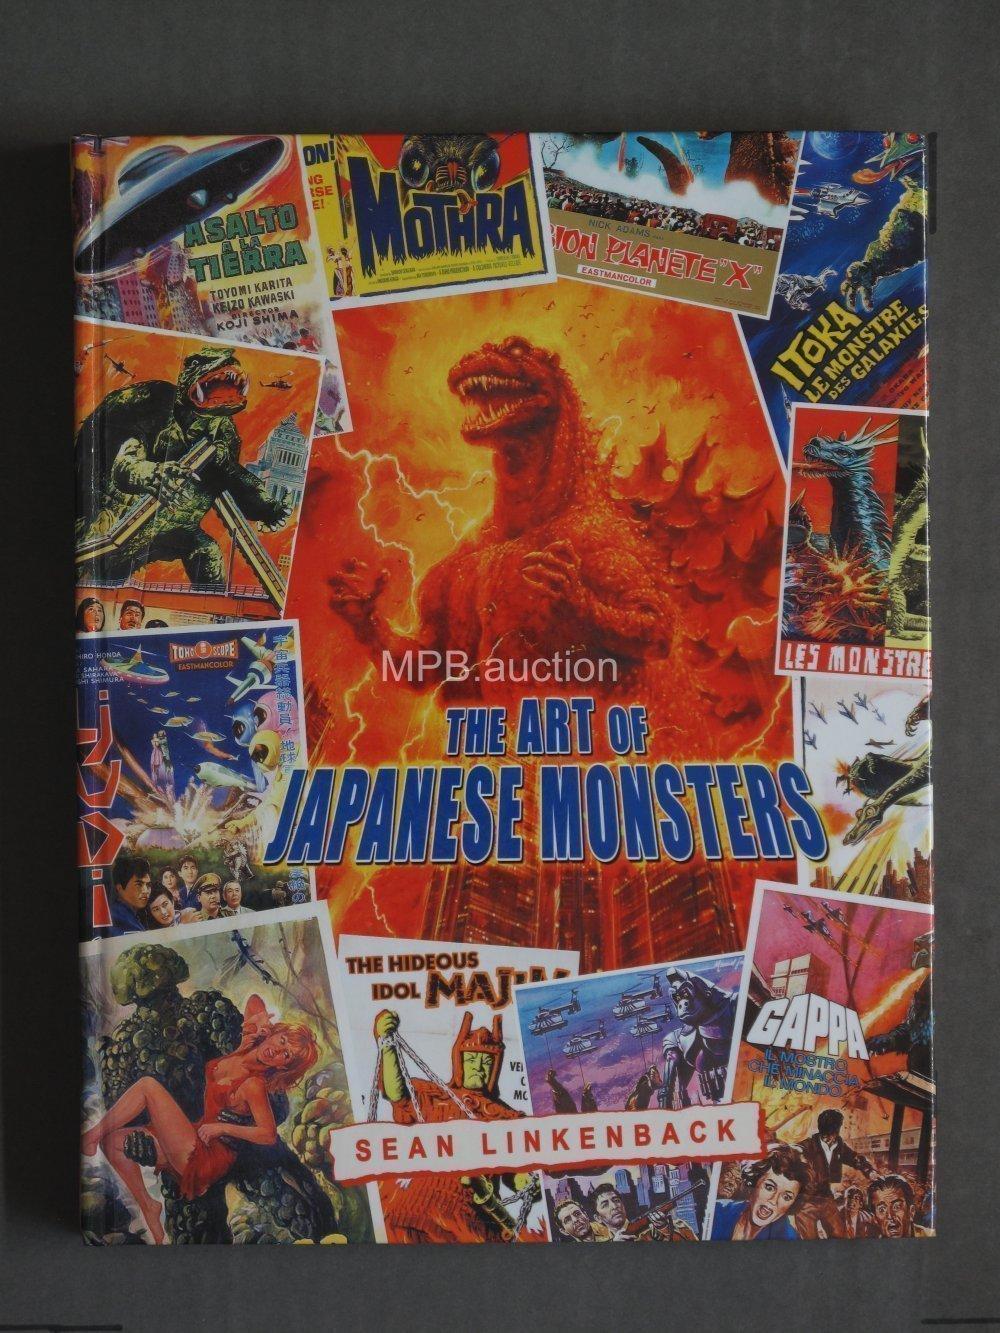 ART OF JAPANESE MONSTERS by SEAN LINKENBACK (2014) Hardcover Book